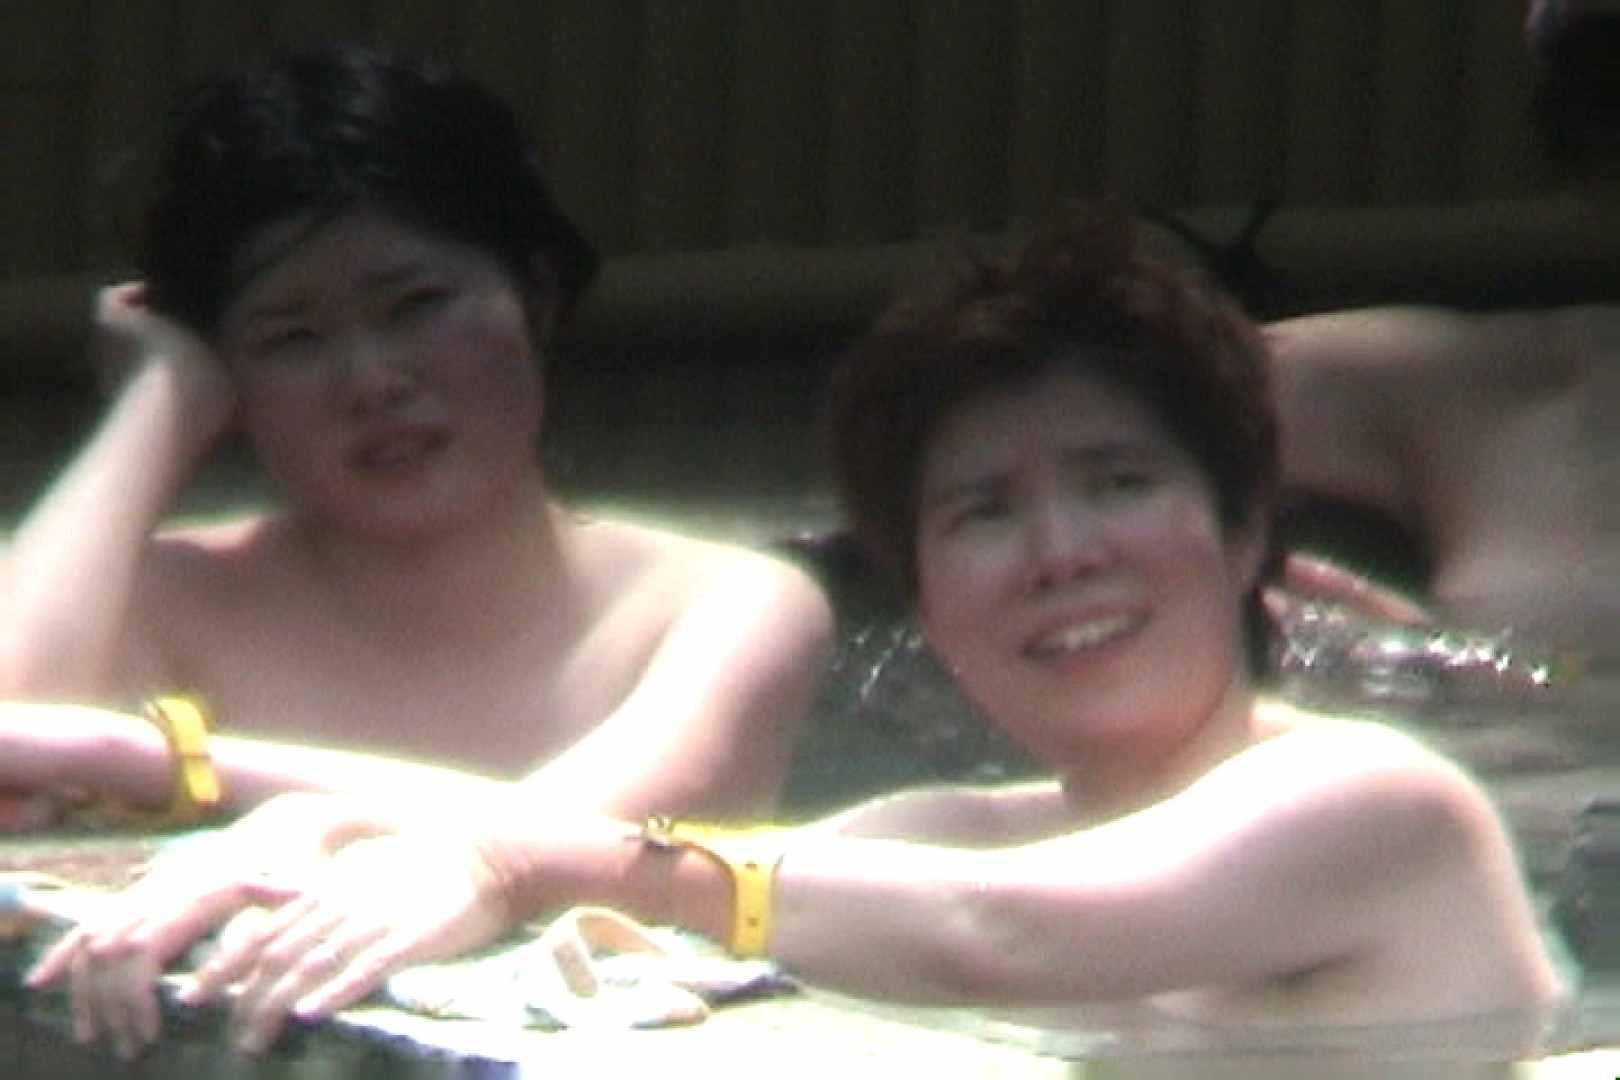 Aquaな露天風呂Vol.54【VIP限定】 盗撮師作品 ぱこり動画紹介 88pic 59